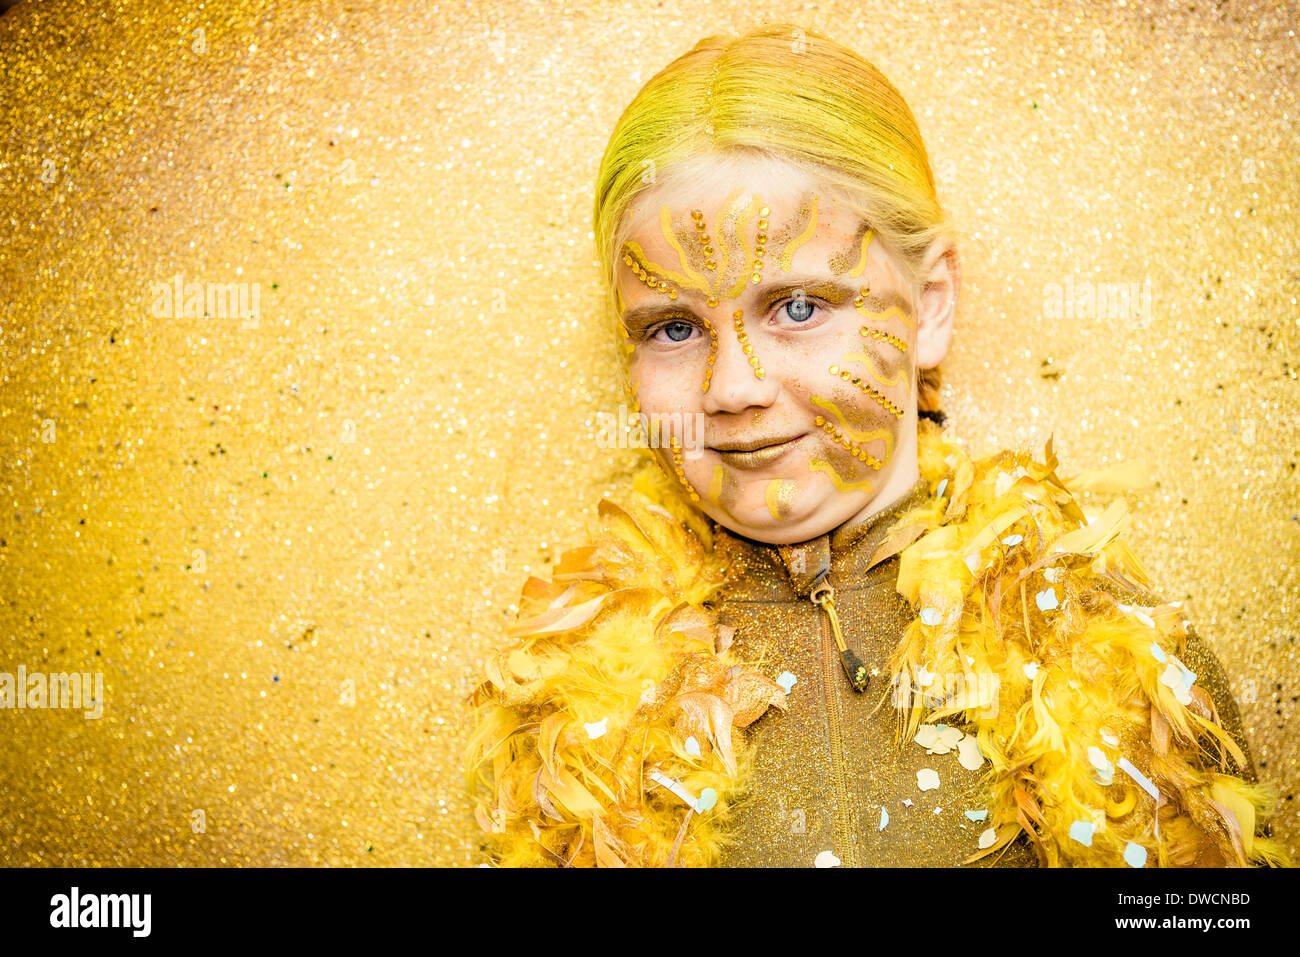 Sitges, Spanien. 4. März 2014: Eine Mädchen in einem Fantasie-Kostüm tanzt während der Kinder-Karnevalsumzug in Sitges. Bildnachweis: Matthias Oesterle/Alamy Live-Nachrichten Stockbild